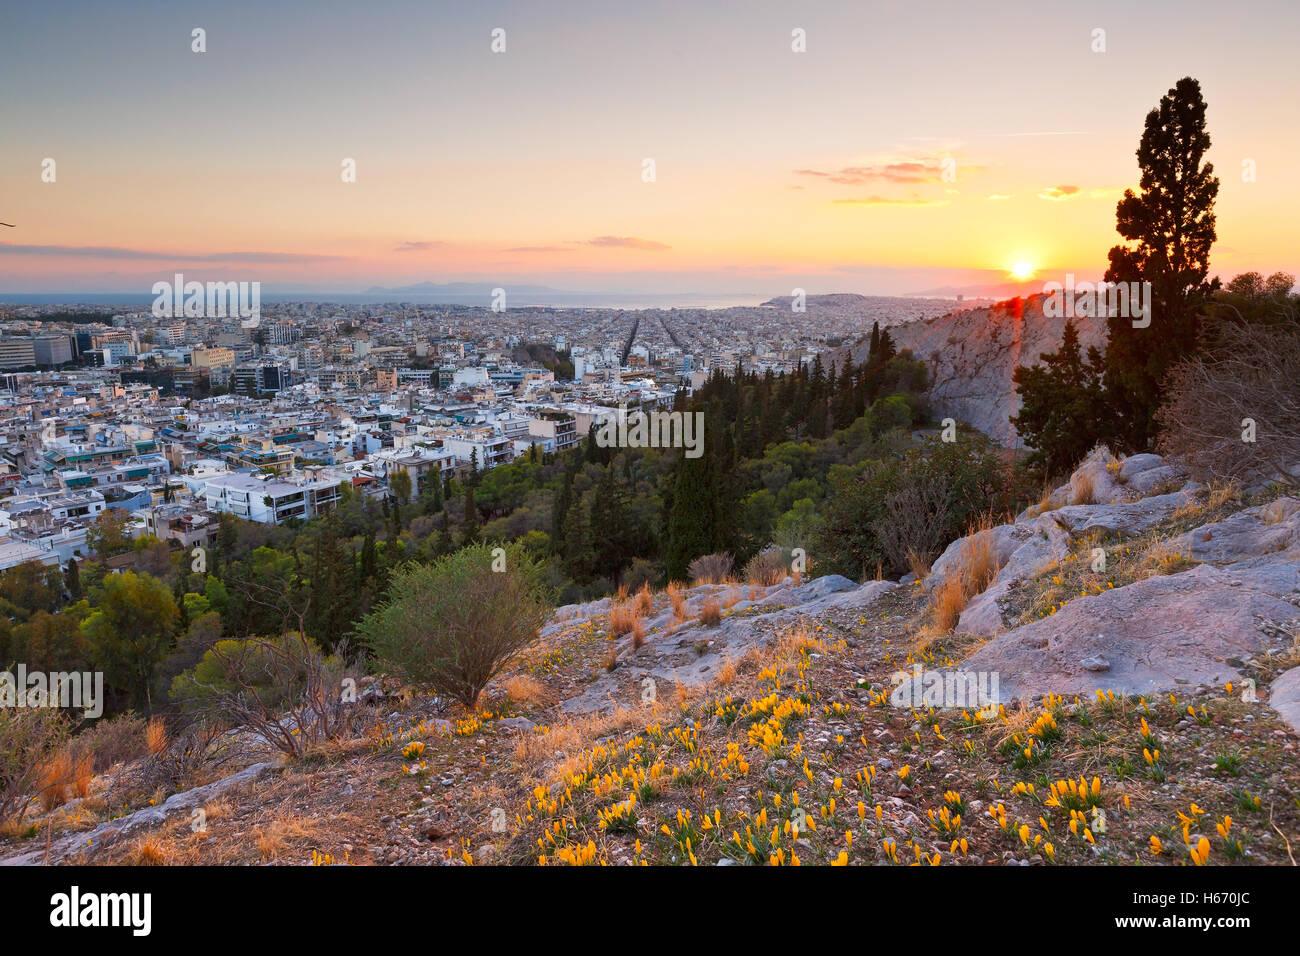 Soir sur Athènes à partir de la colline Filopappou, Grèce. Photo Stock